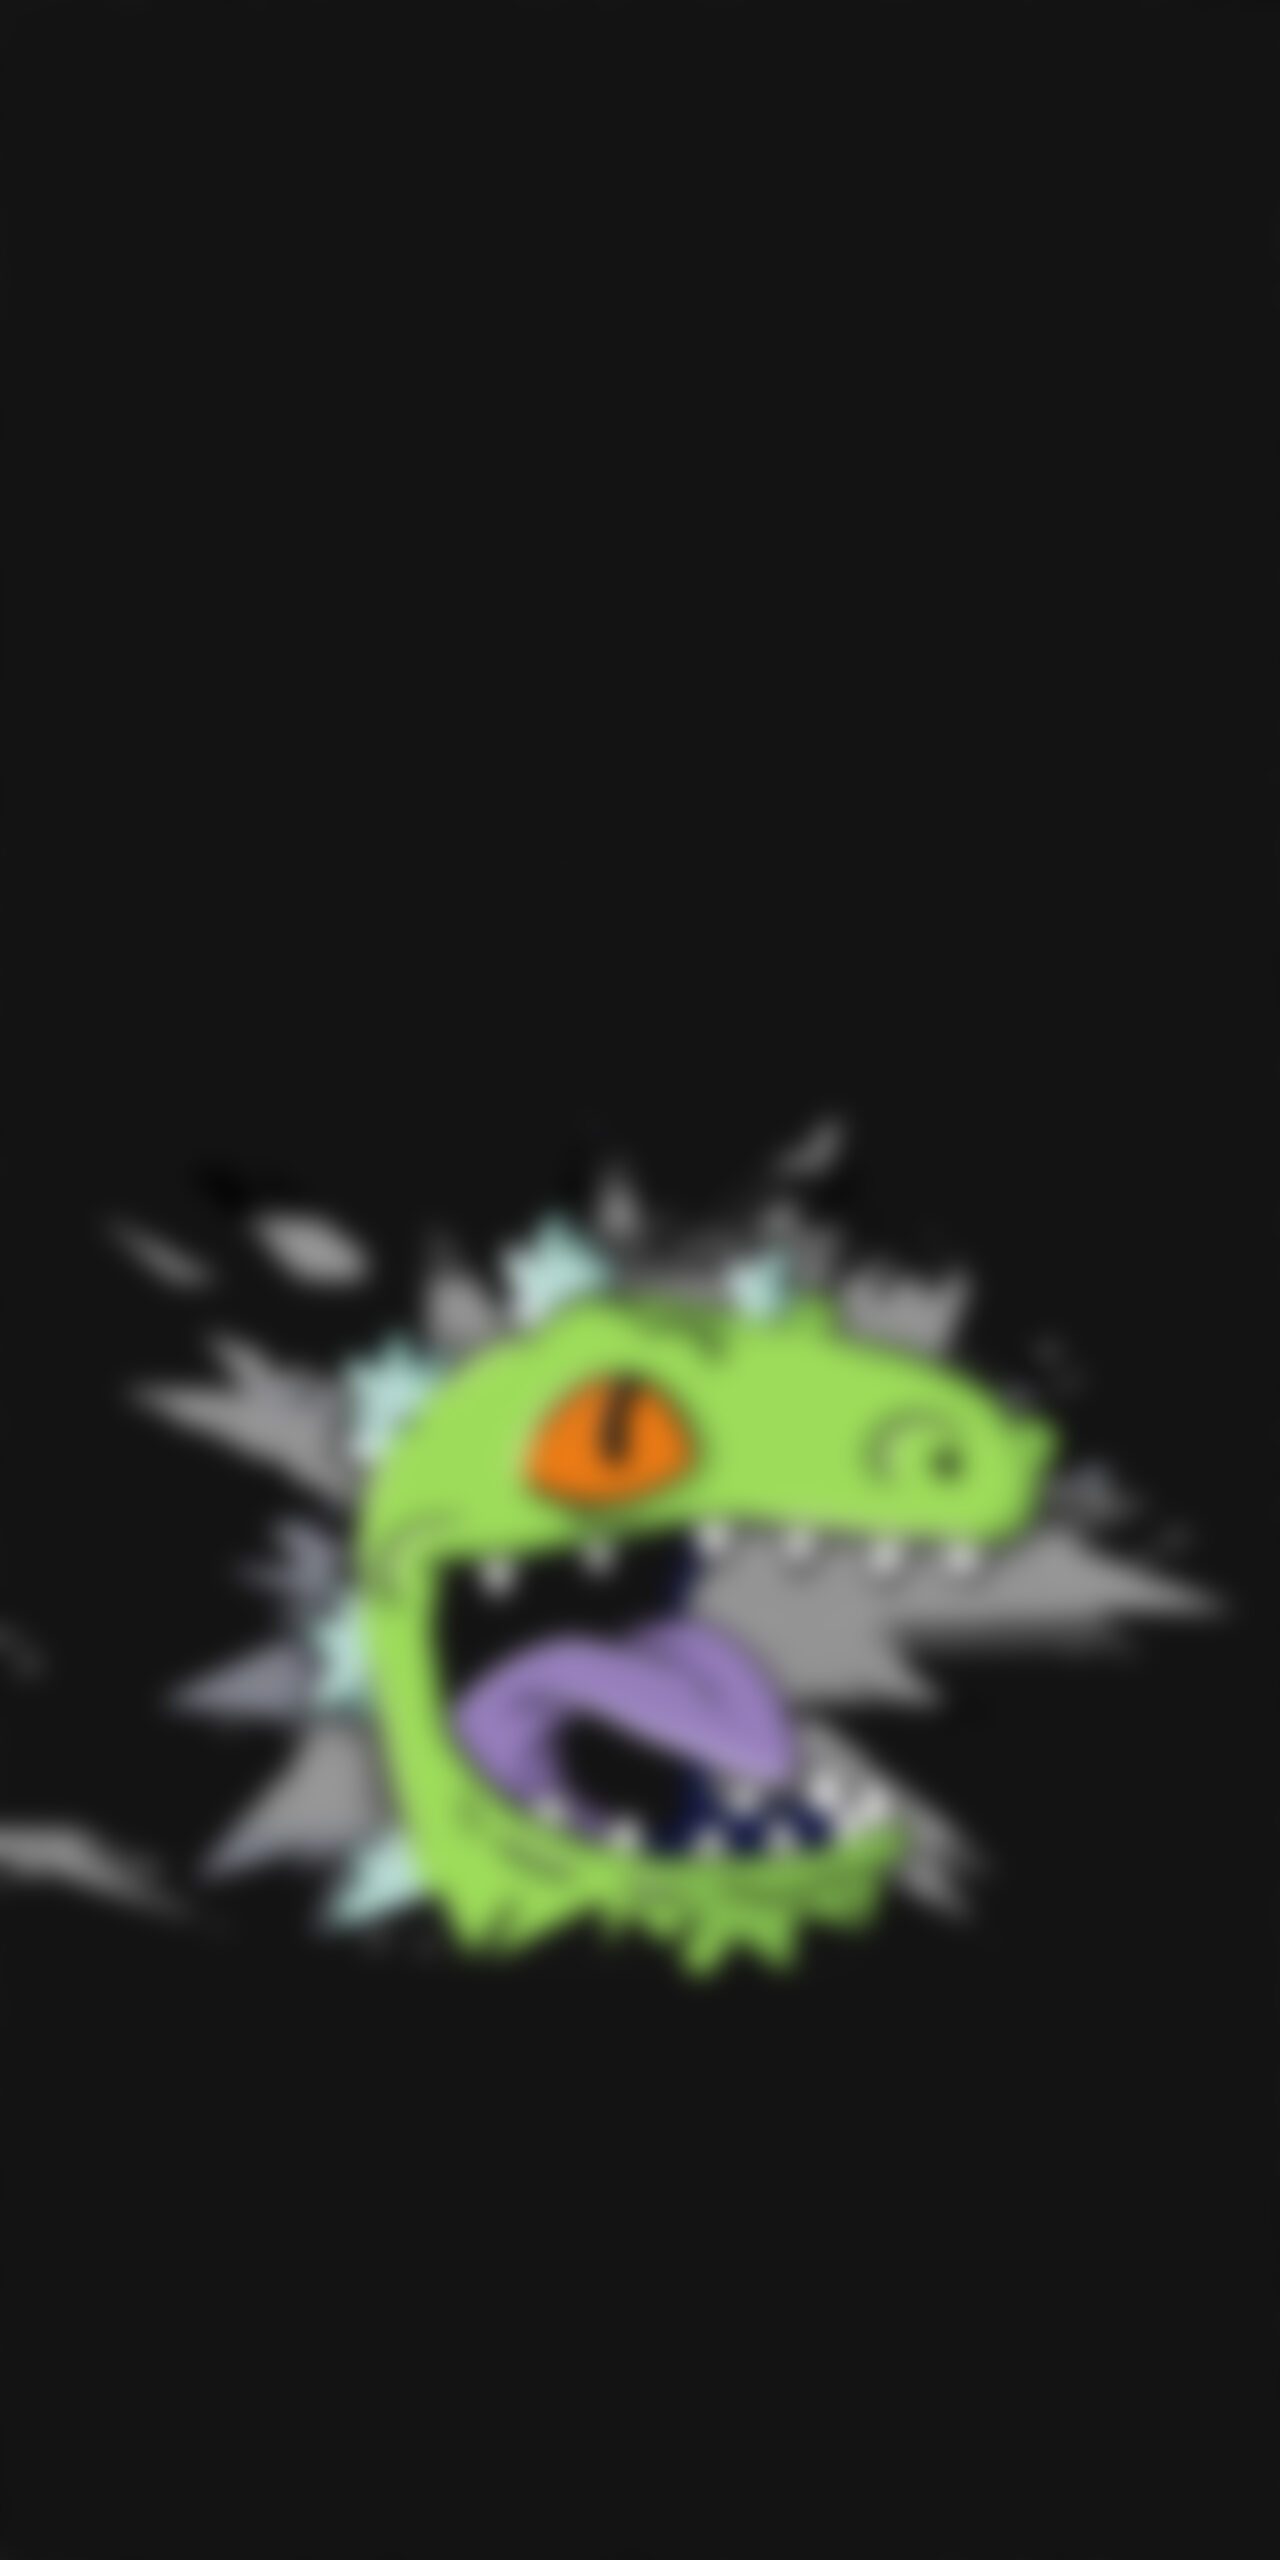 rugrats reptar dinosaur broken screen dark blur wallpaper